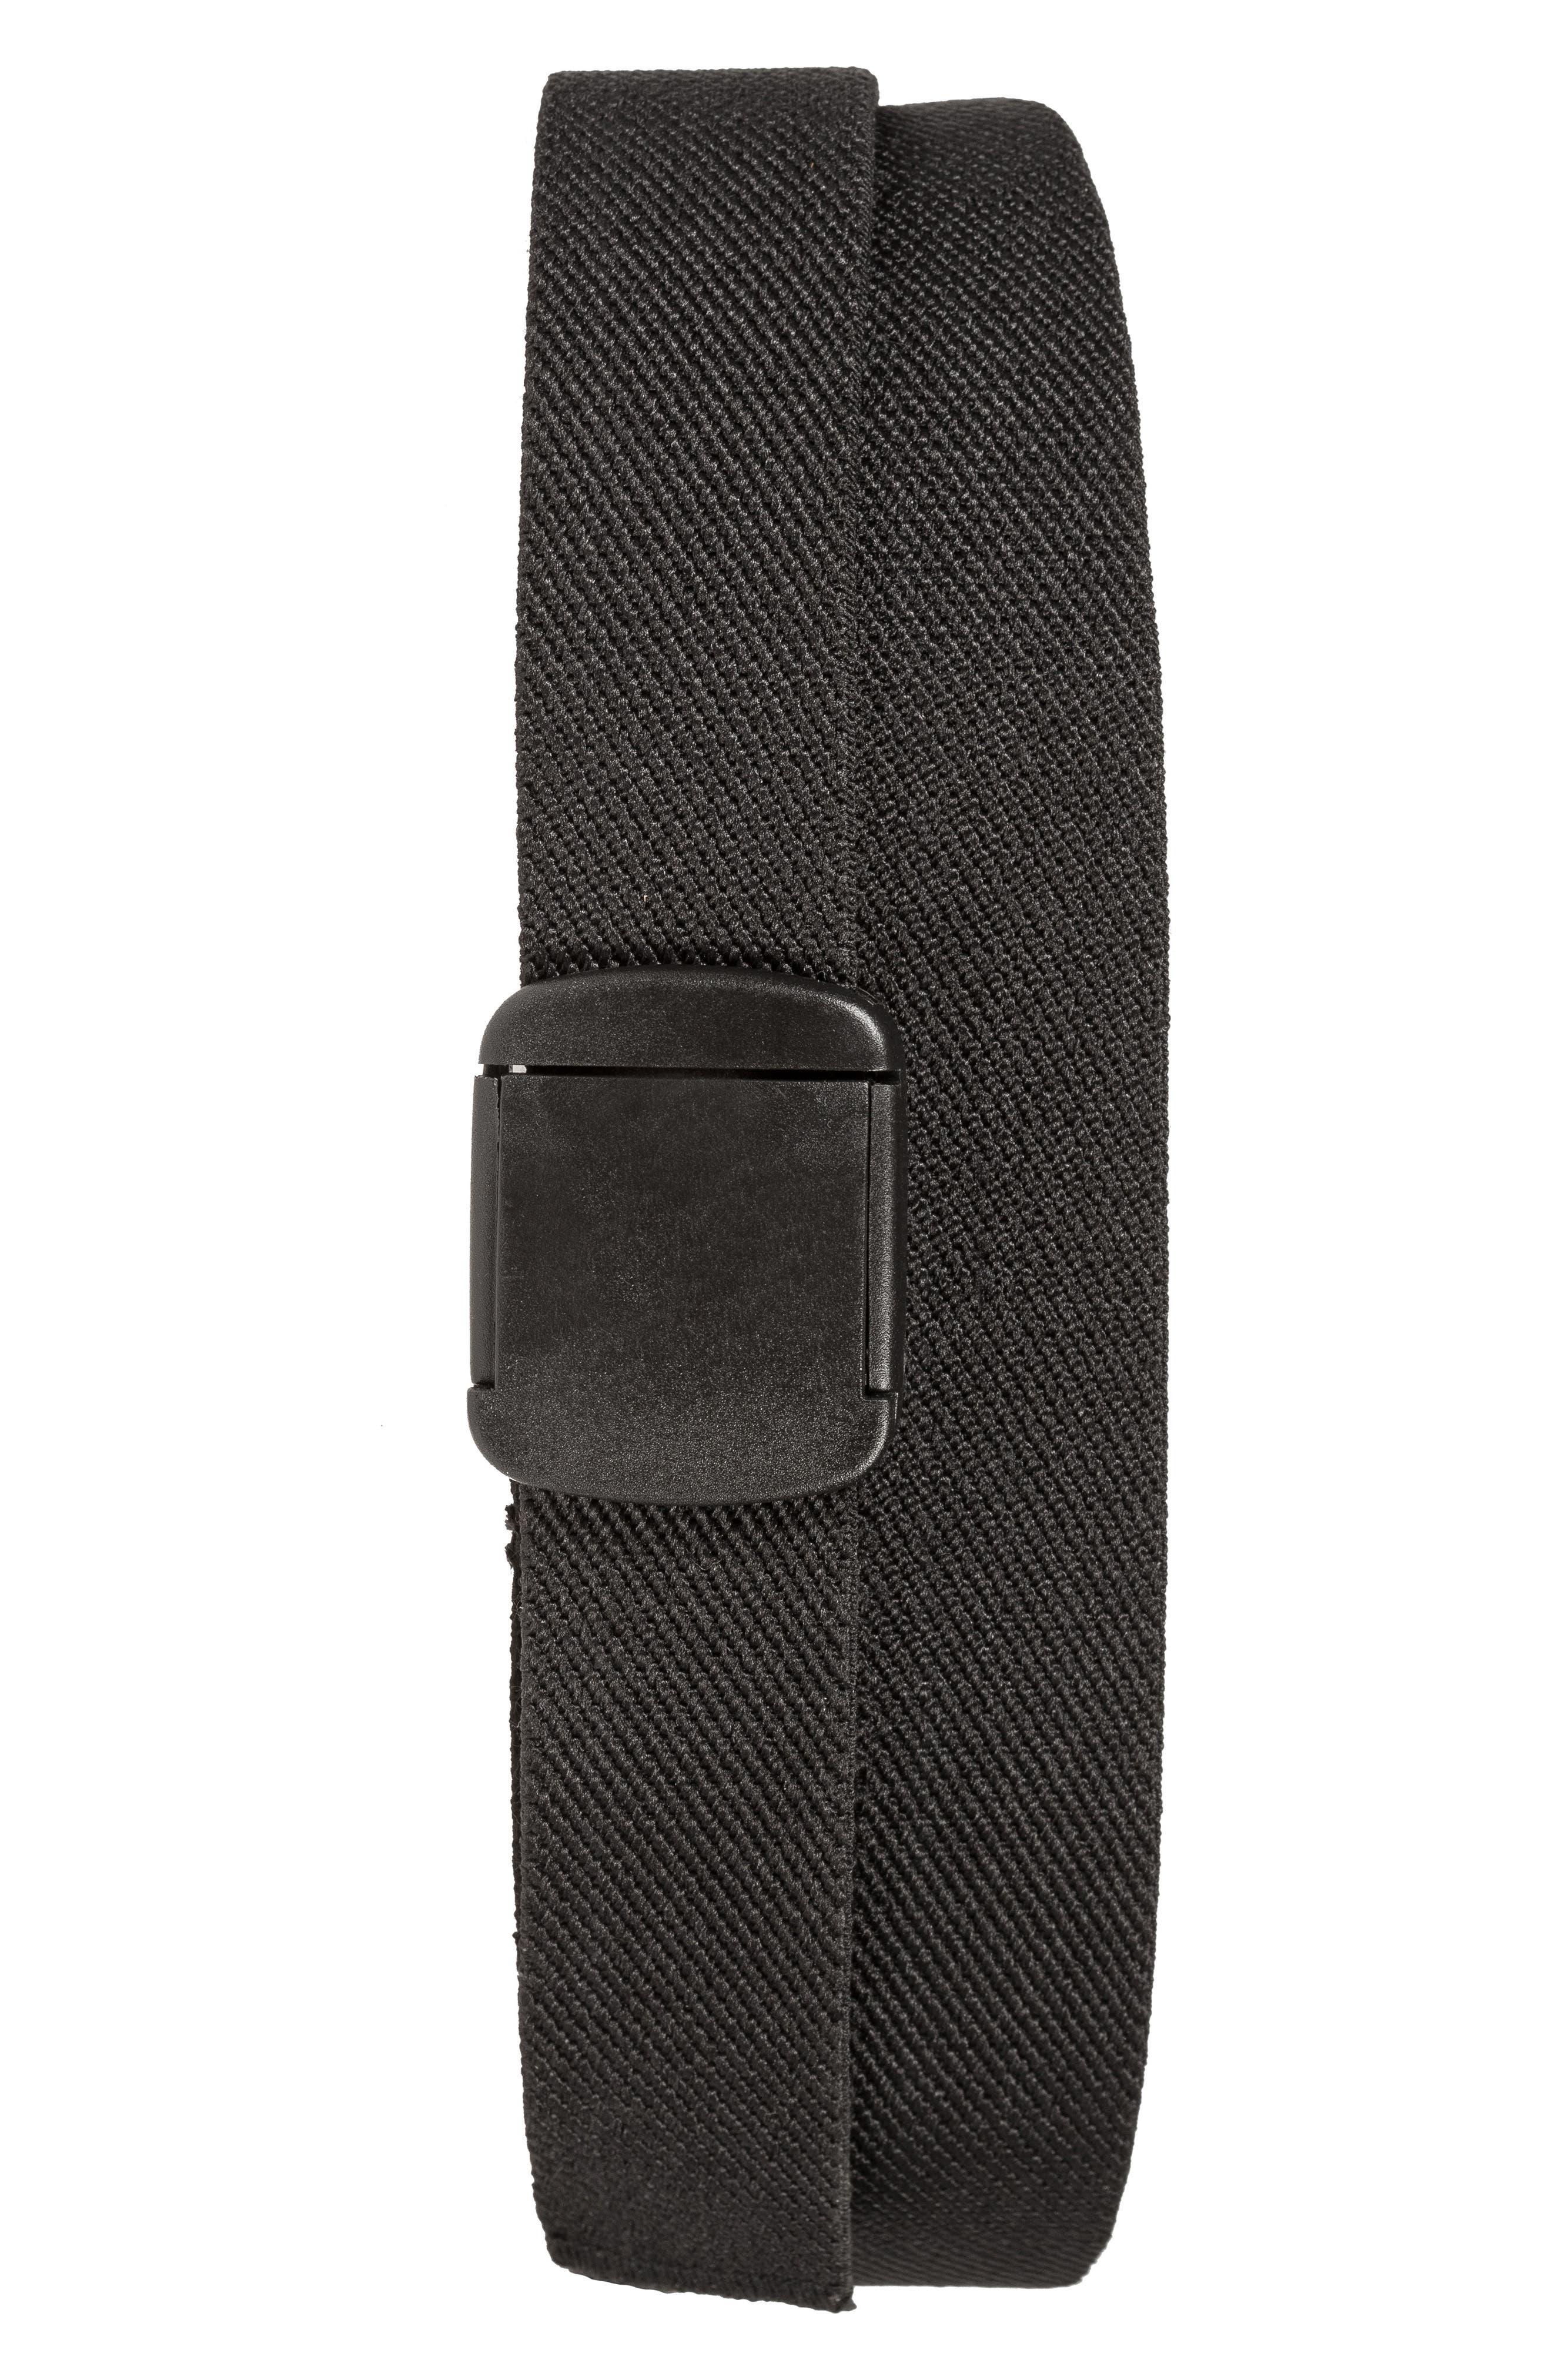 BILL ADLER 1981 Travel Belt in Black